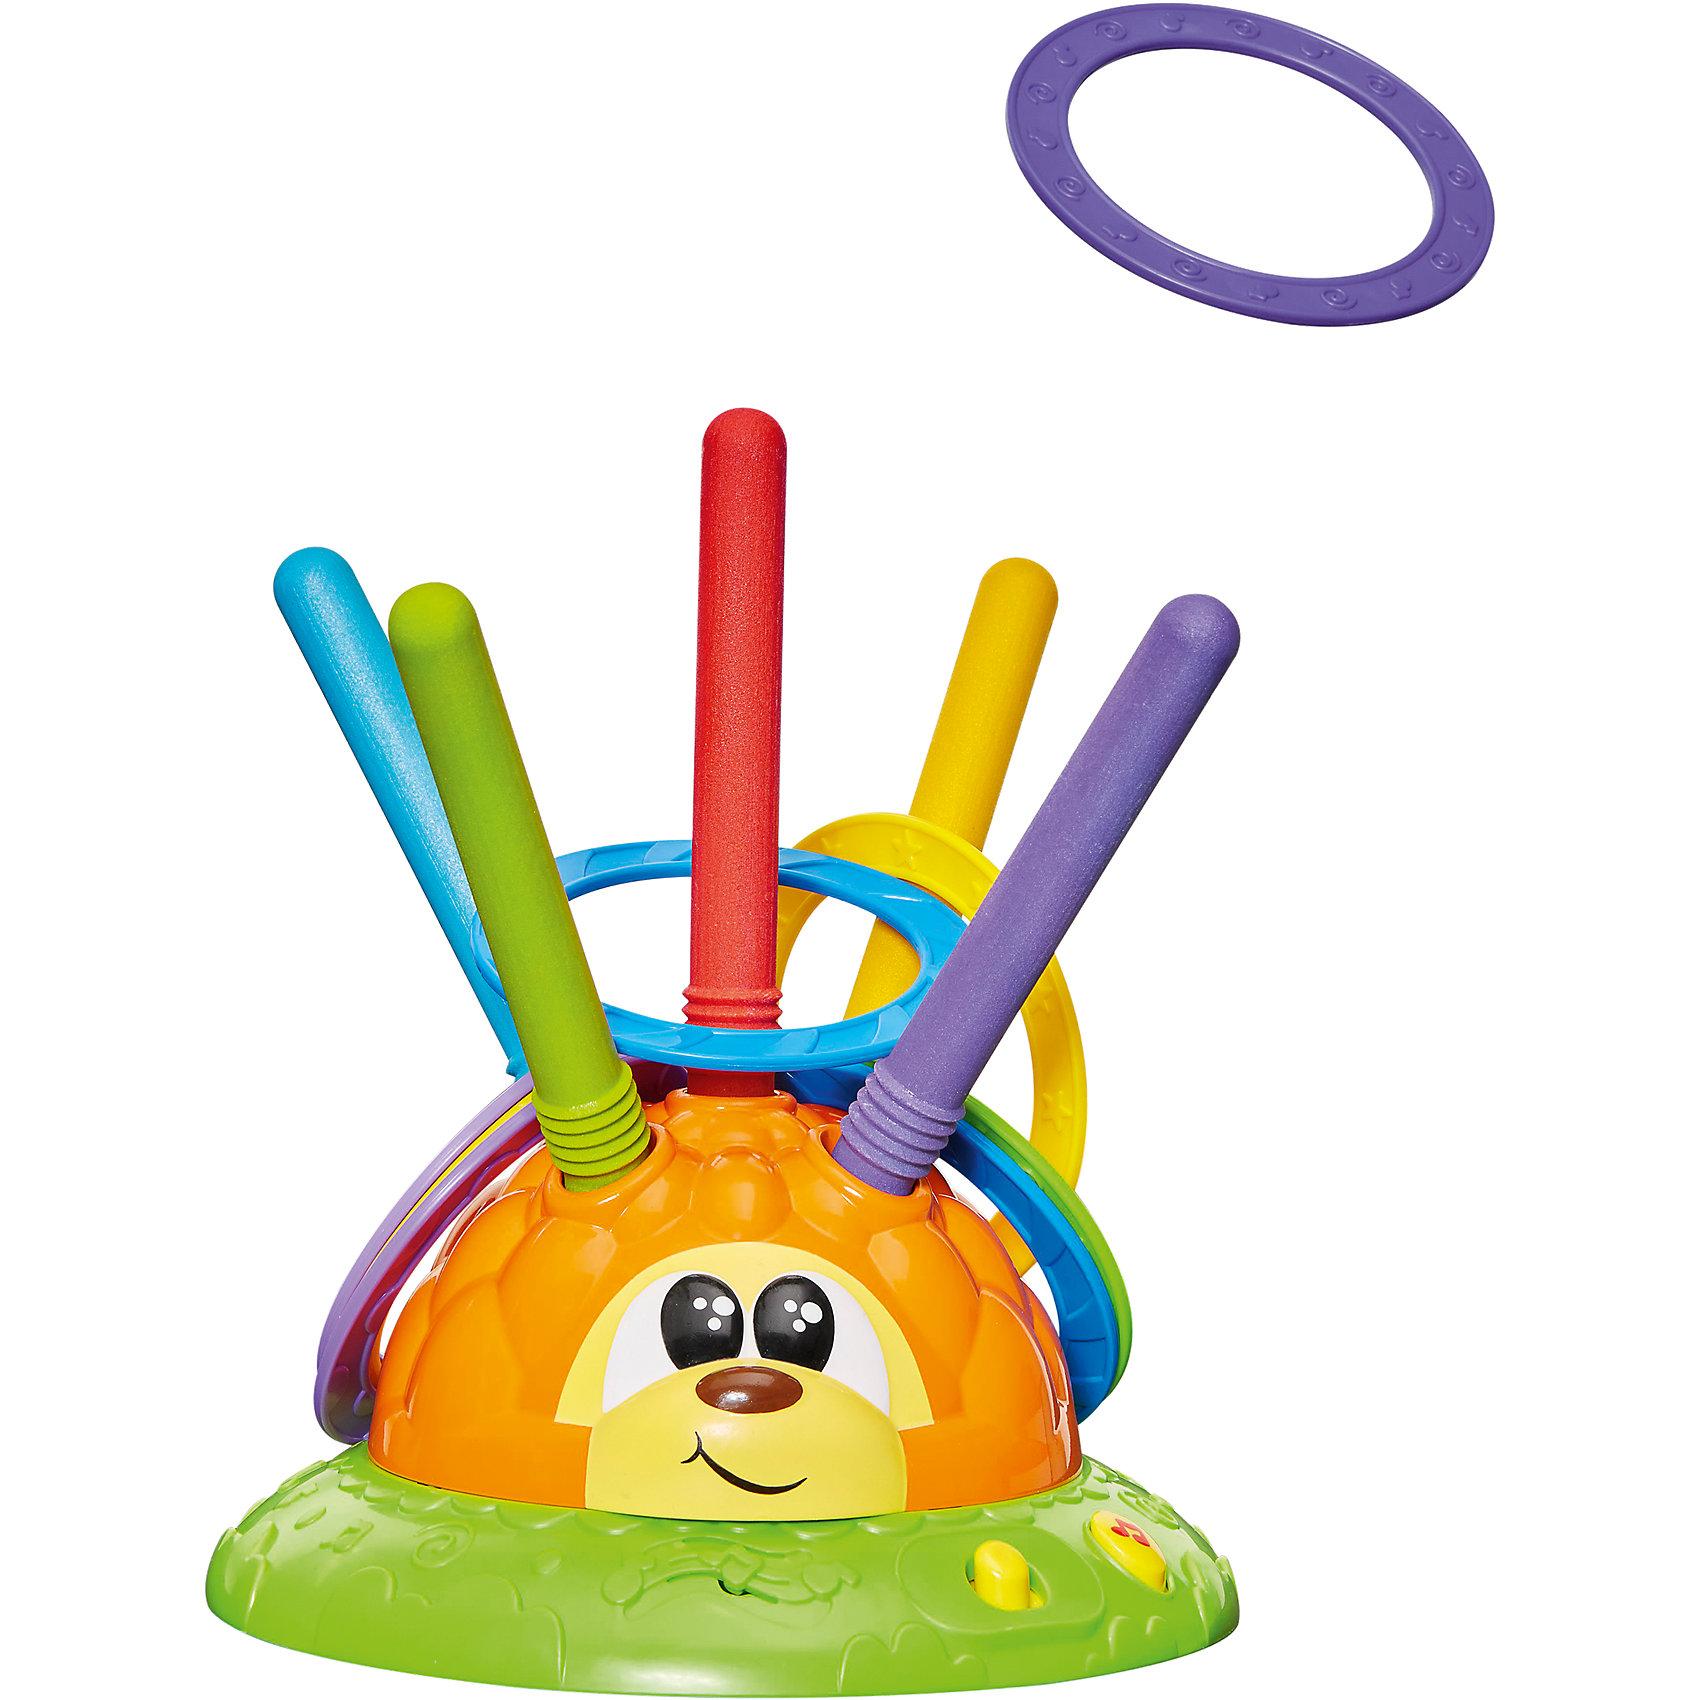 Музыкальная игра Chicco Мистер RingИнтерактивные игрушки для малышей<br>Характеристики:<br><br>• возраст: от 2 лет<br>• комплектация: игрушка в виде ежика, 8 легких колец<br>• материал: пластик<br>• батарейки: 3 типа ААА<br>• наличие батареек: не входят в комплект<br>• размер упаковки: 25х12,5х32 см.<br>• вес: 863 гр.<br>• страна бренда: Италия<br>• страна изготовитель: Китай<br><br>Музыкальная игрушка «Мистер Ring» - отличный вариант для подвижных активных игр в помещении или на открытом воздухе.<br>Основание игрушки в виде яркого ежика вращается на 2 разных скоростях. Задача малыша накинуть кольцо на колышки, расположенные на спинке ежа. Игра сопровождается веселыми мелодиями, которые активируются нажатием на кнопку.<br><br>Музыкальную игрушку Mr. Ring, Chicco (Чикко) можно купить в нашем интернет-магазине.<br><br>Ширина мм: 250<br>Глубина мм: 125<br>Высота мм: 320<br>Вес г: 863<br>Возраст от месяцев: 24<br>Возраст до месяцев: 2147483647<br>Пол: Унисекс<br>Возраст: Детский<br>SKU: 6749295